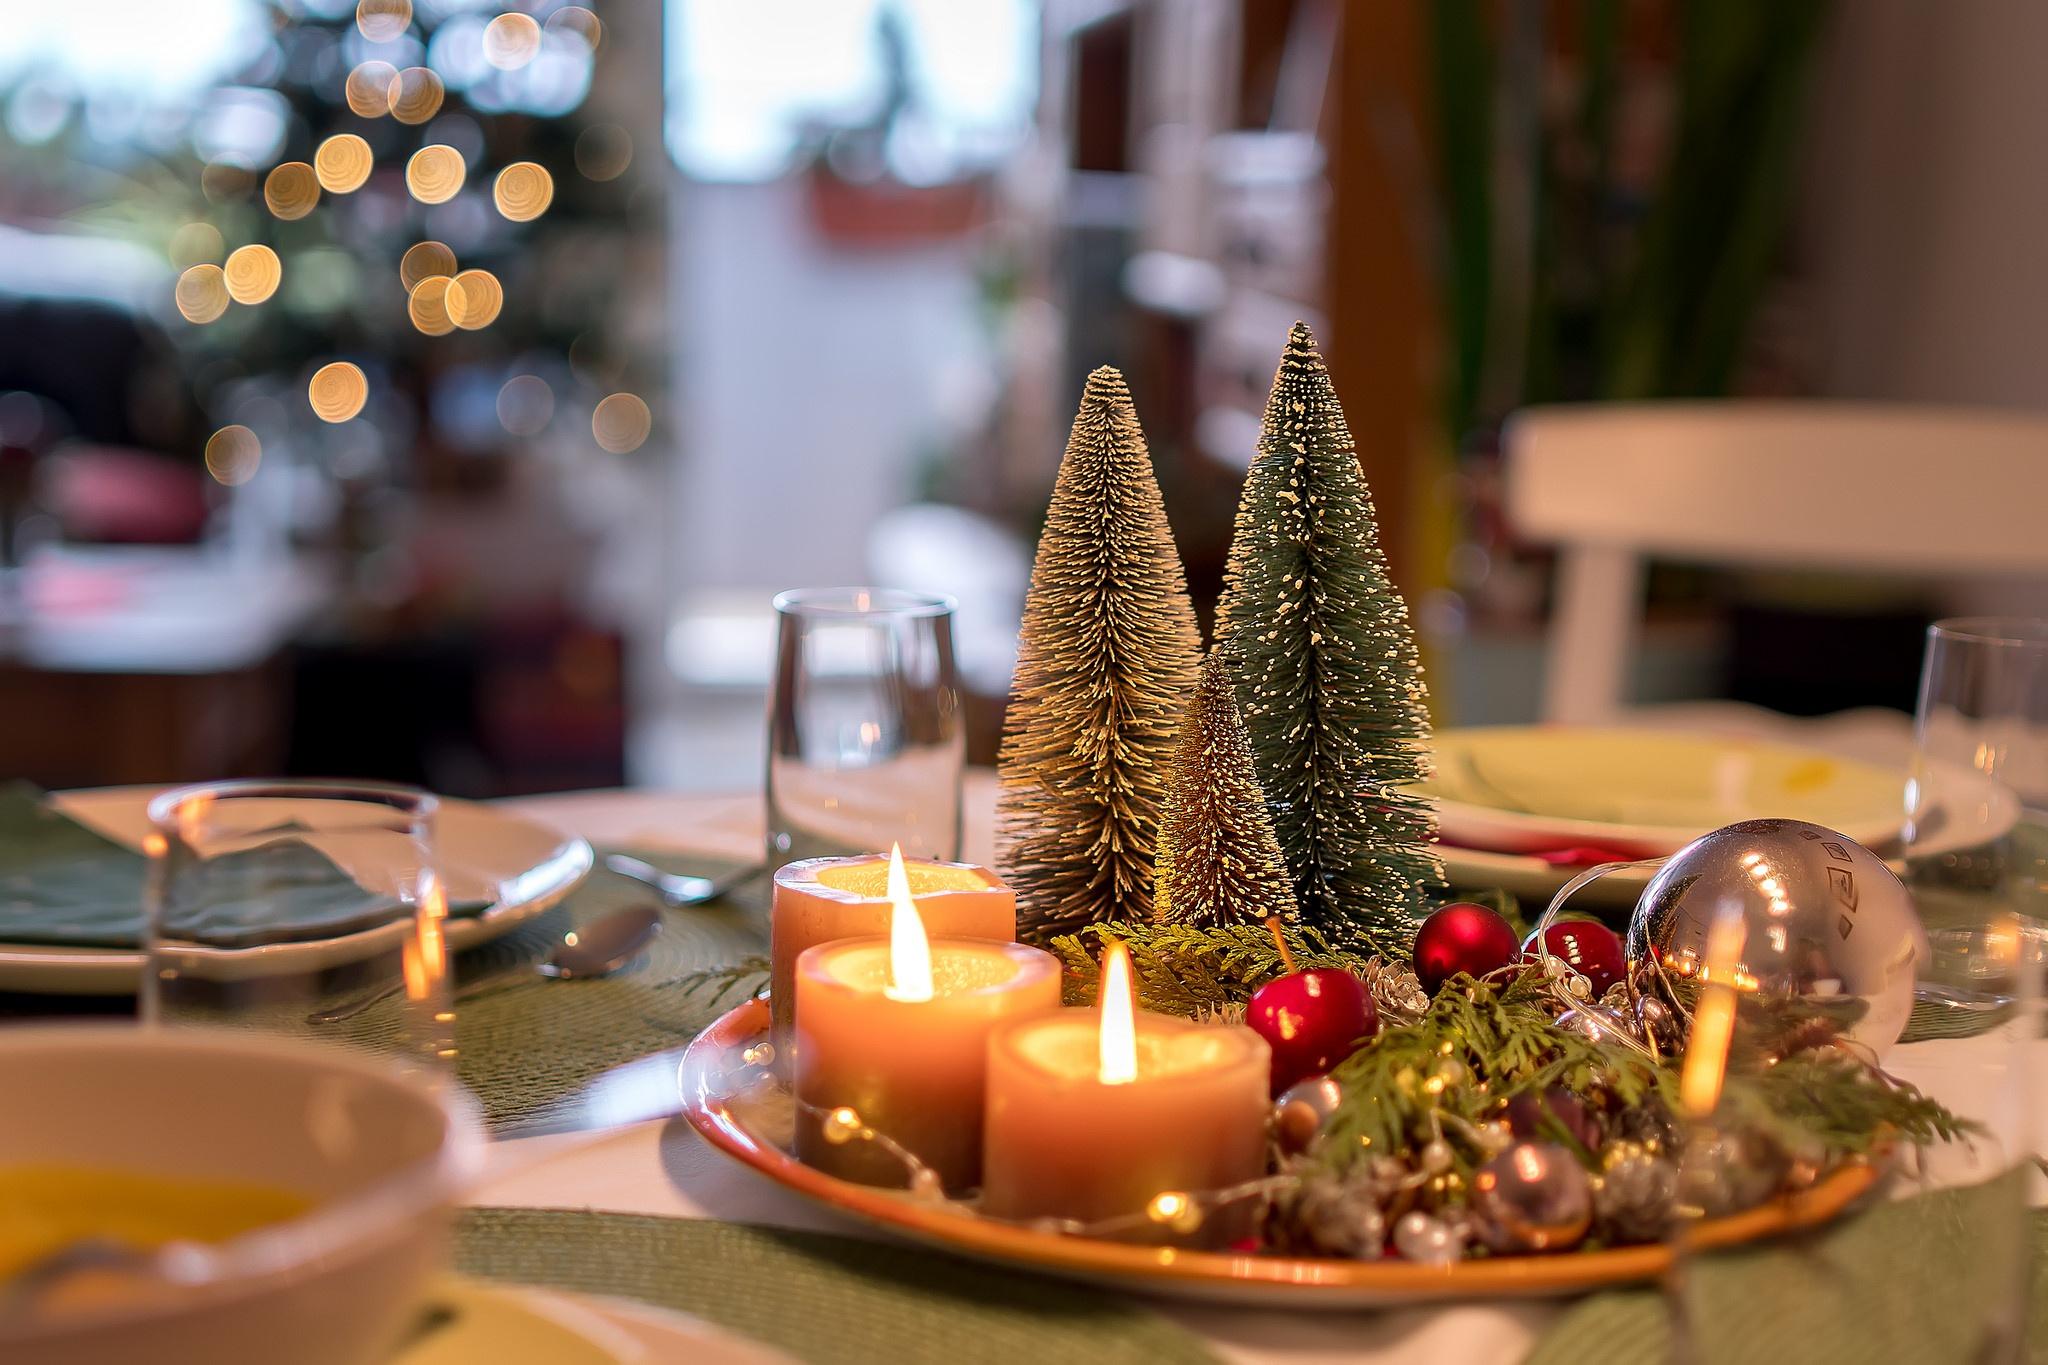 Картинка новогоднего стола и елки